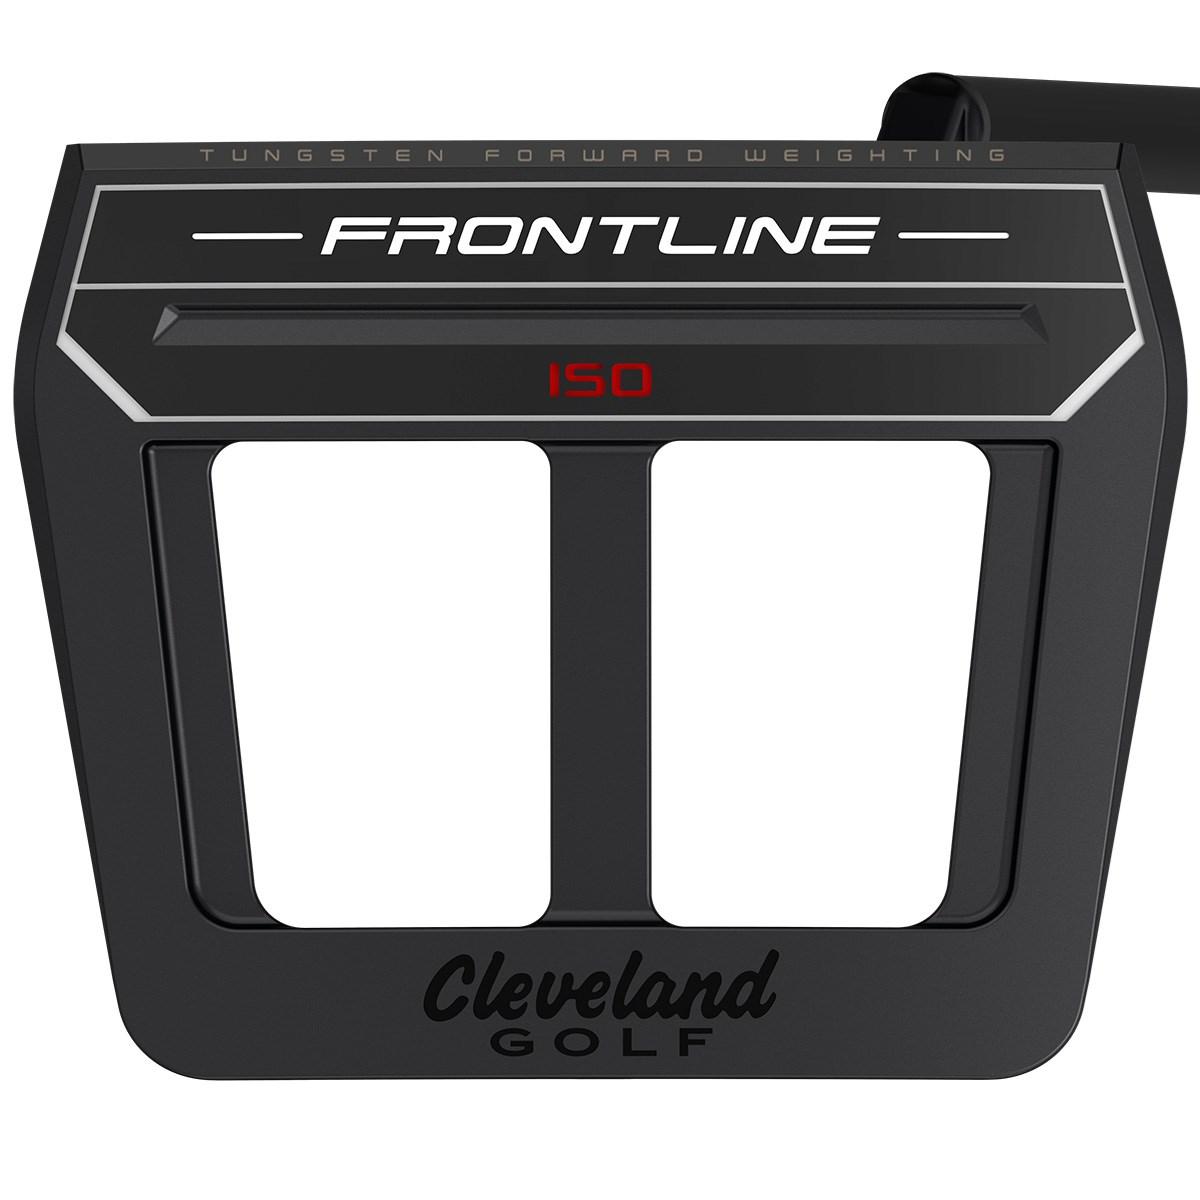 クリーブランド Cleveland Golf FRONTLINE ISO パター シャフト:オリジナルスチール 34inch